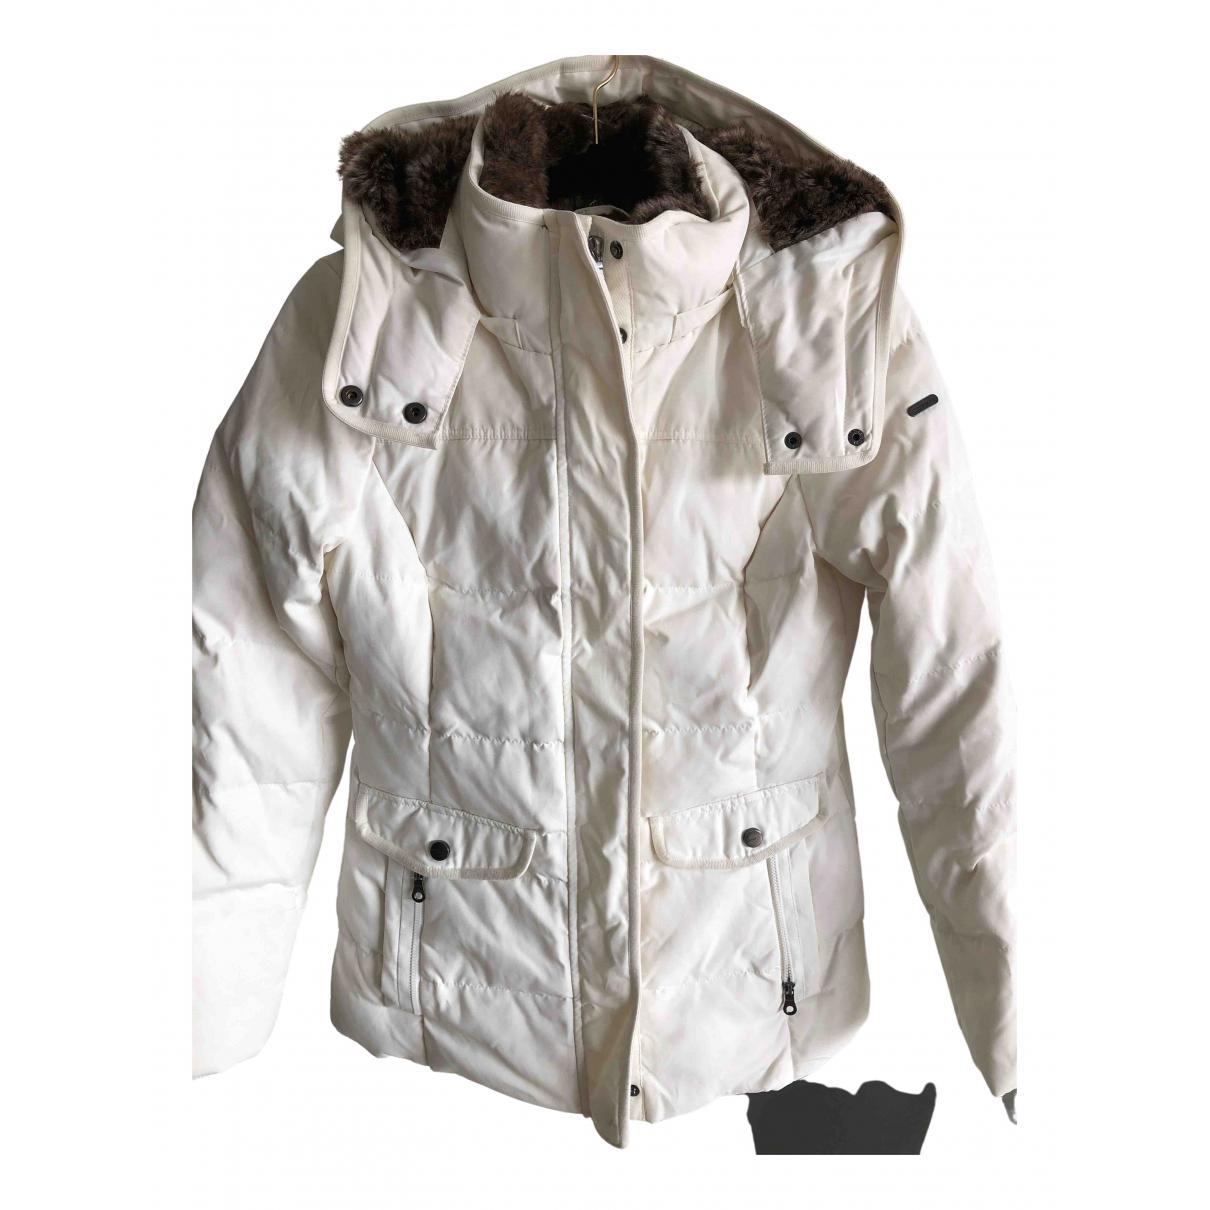 Esprit \N White coat for Women 36 FR